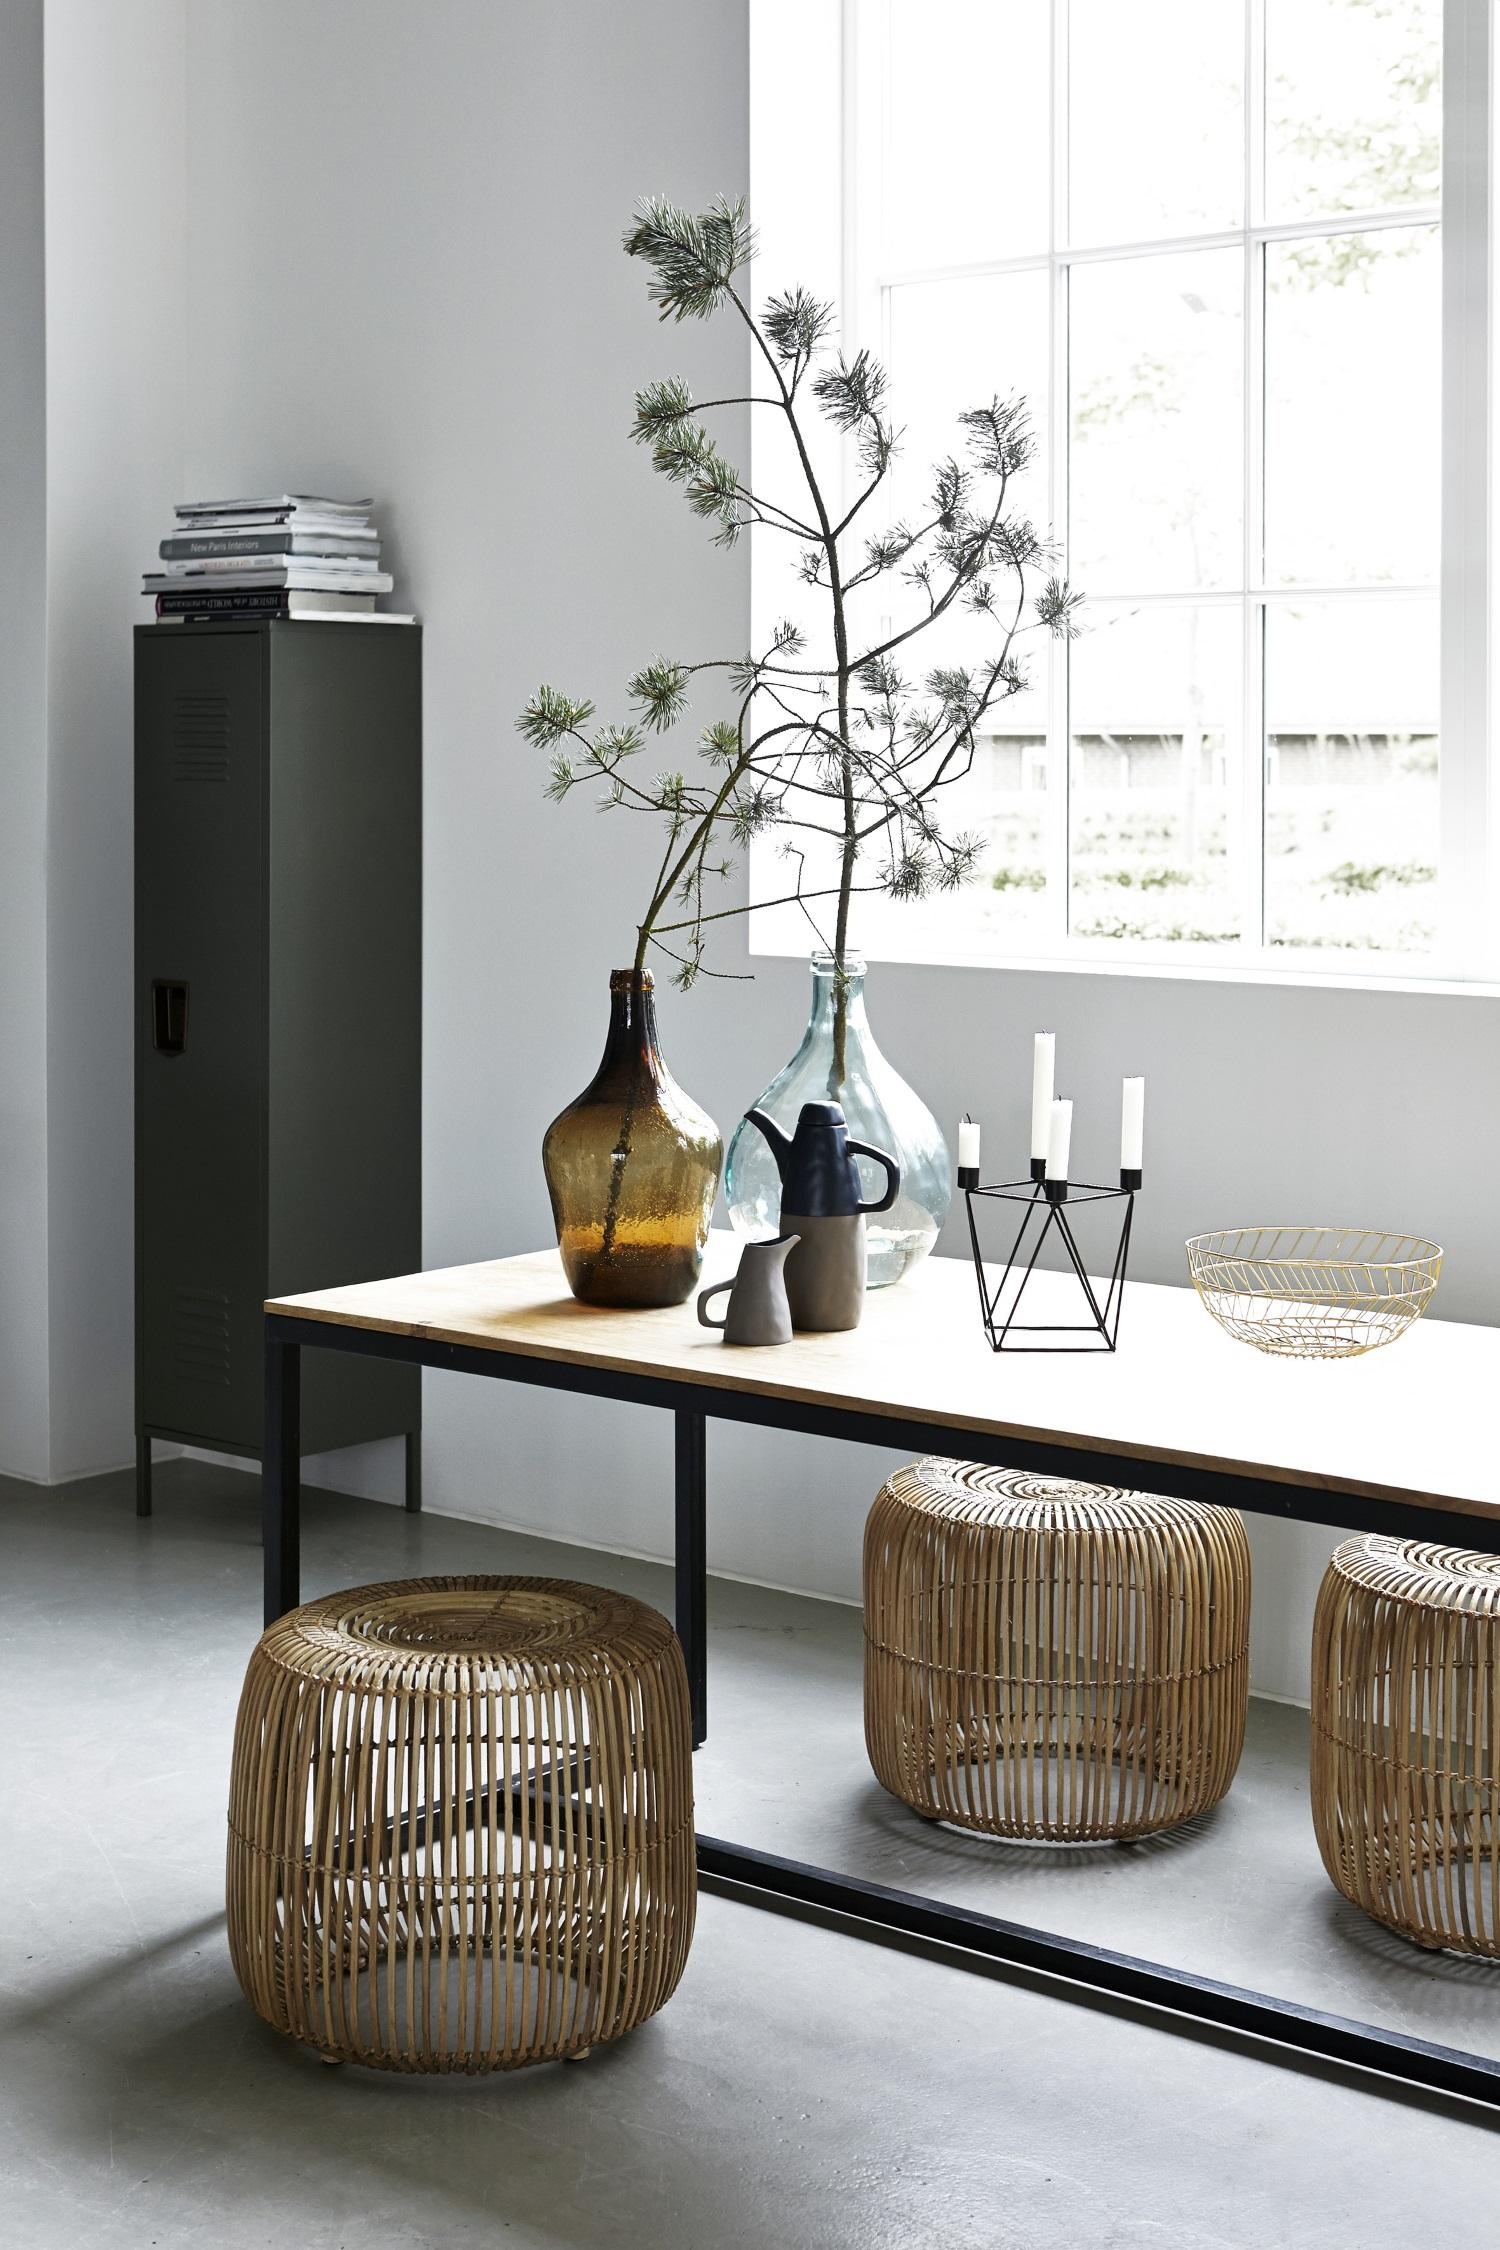 bord form br0160 house doctor. Black Bedroom Furniture Sets. Home Design Ideas